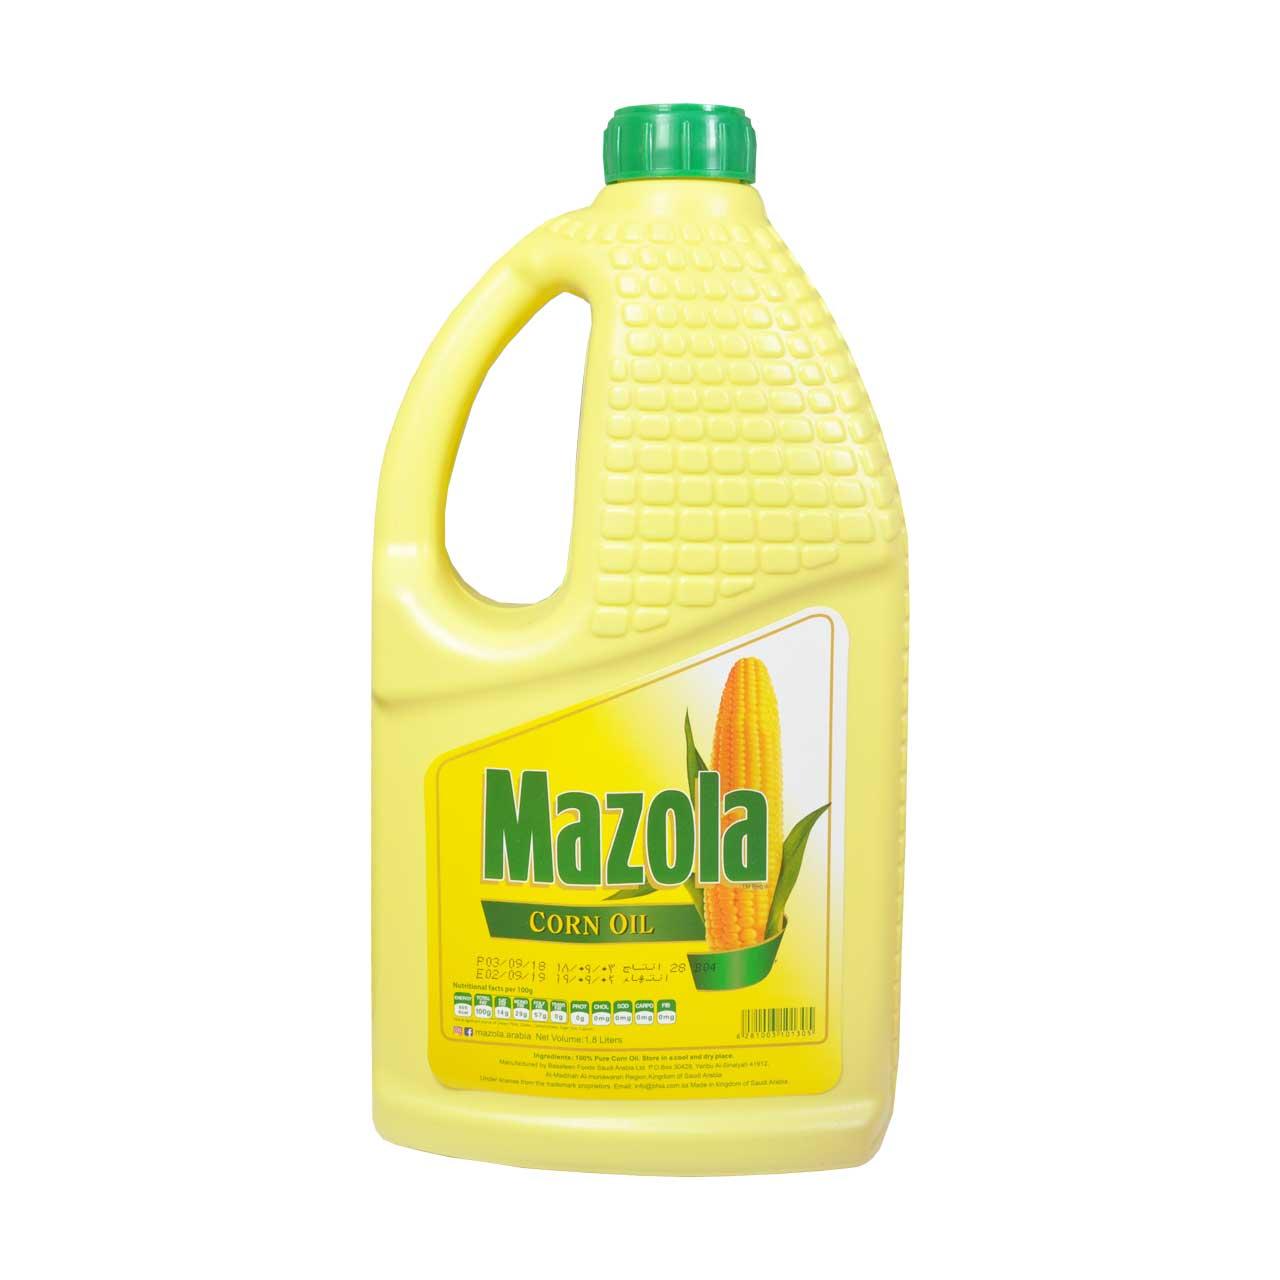 روغن ذرت مازولا ۱٫۸ لیتر